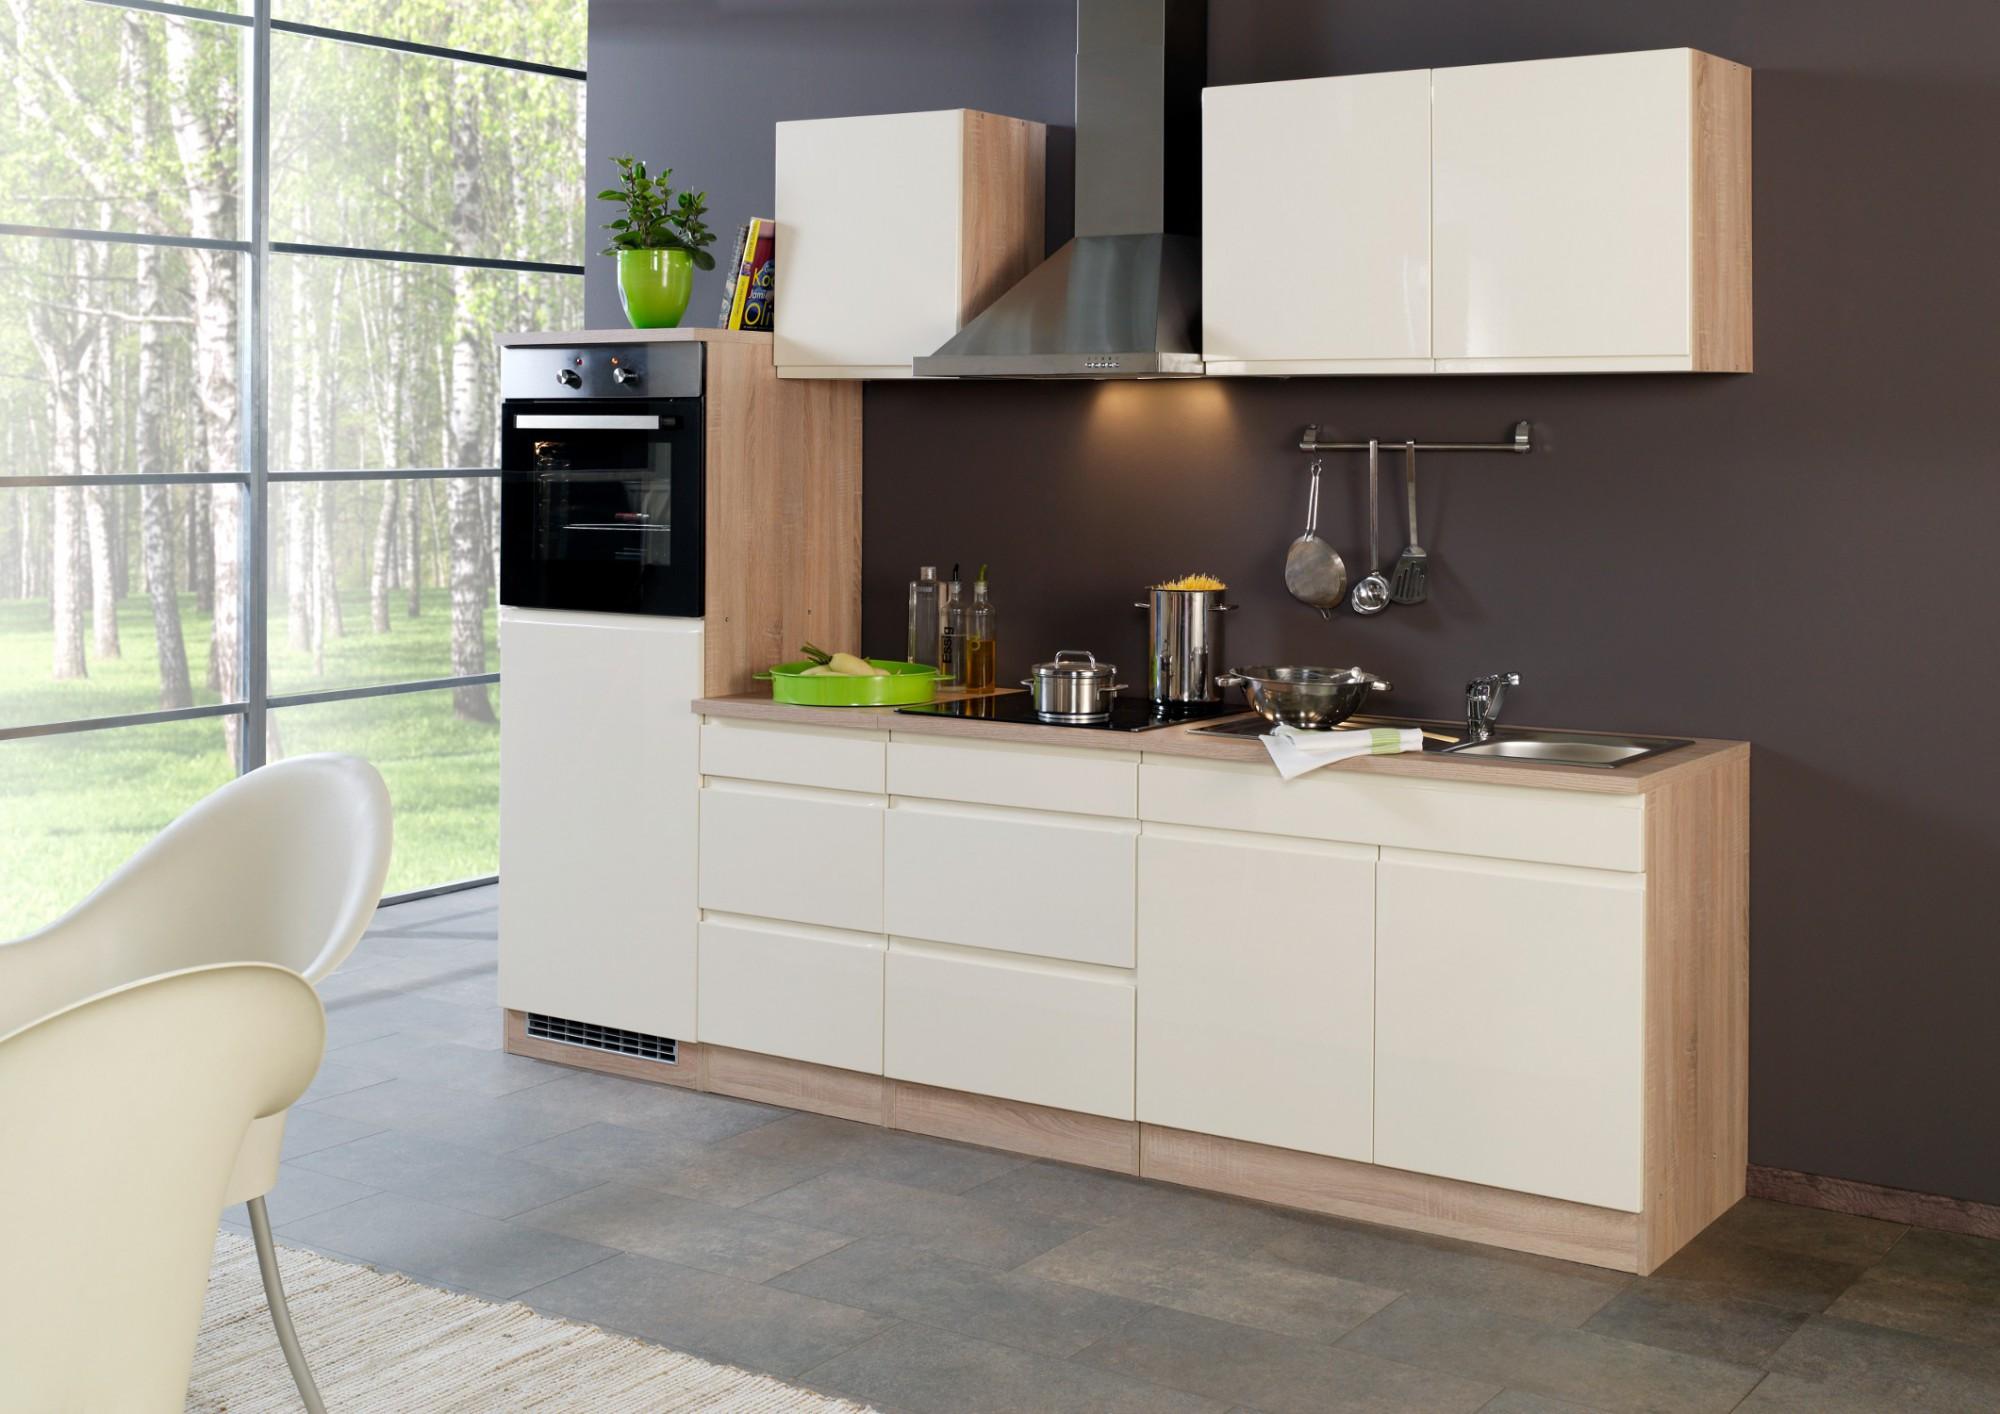 Ikea küche aufbauanleitung. kleine küche abfall keitum wasserhahn